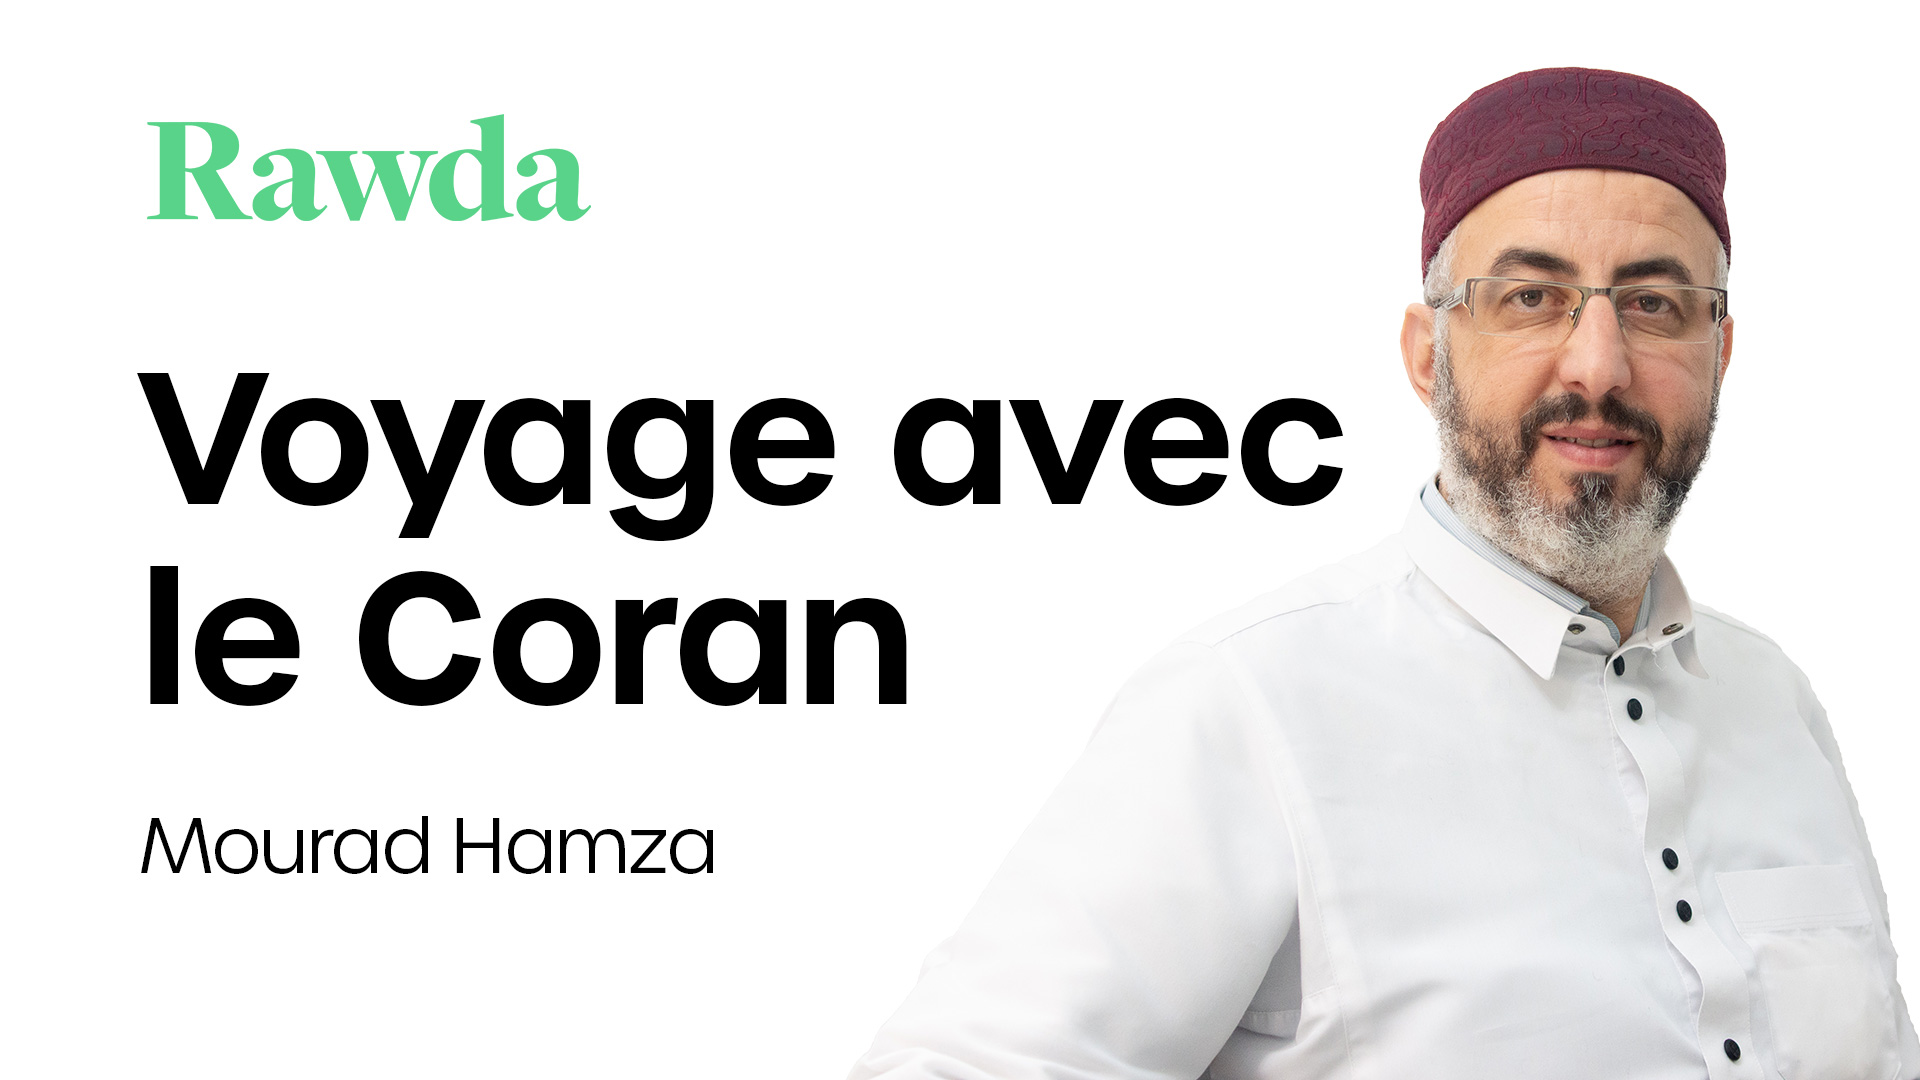 Miniature du cours : voyage avec le coran de mourad Hamza